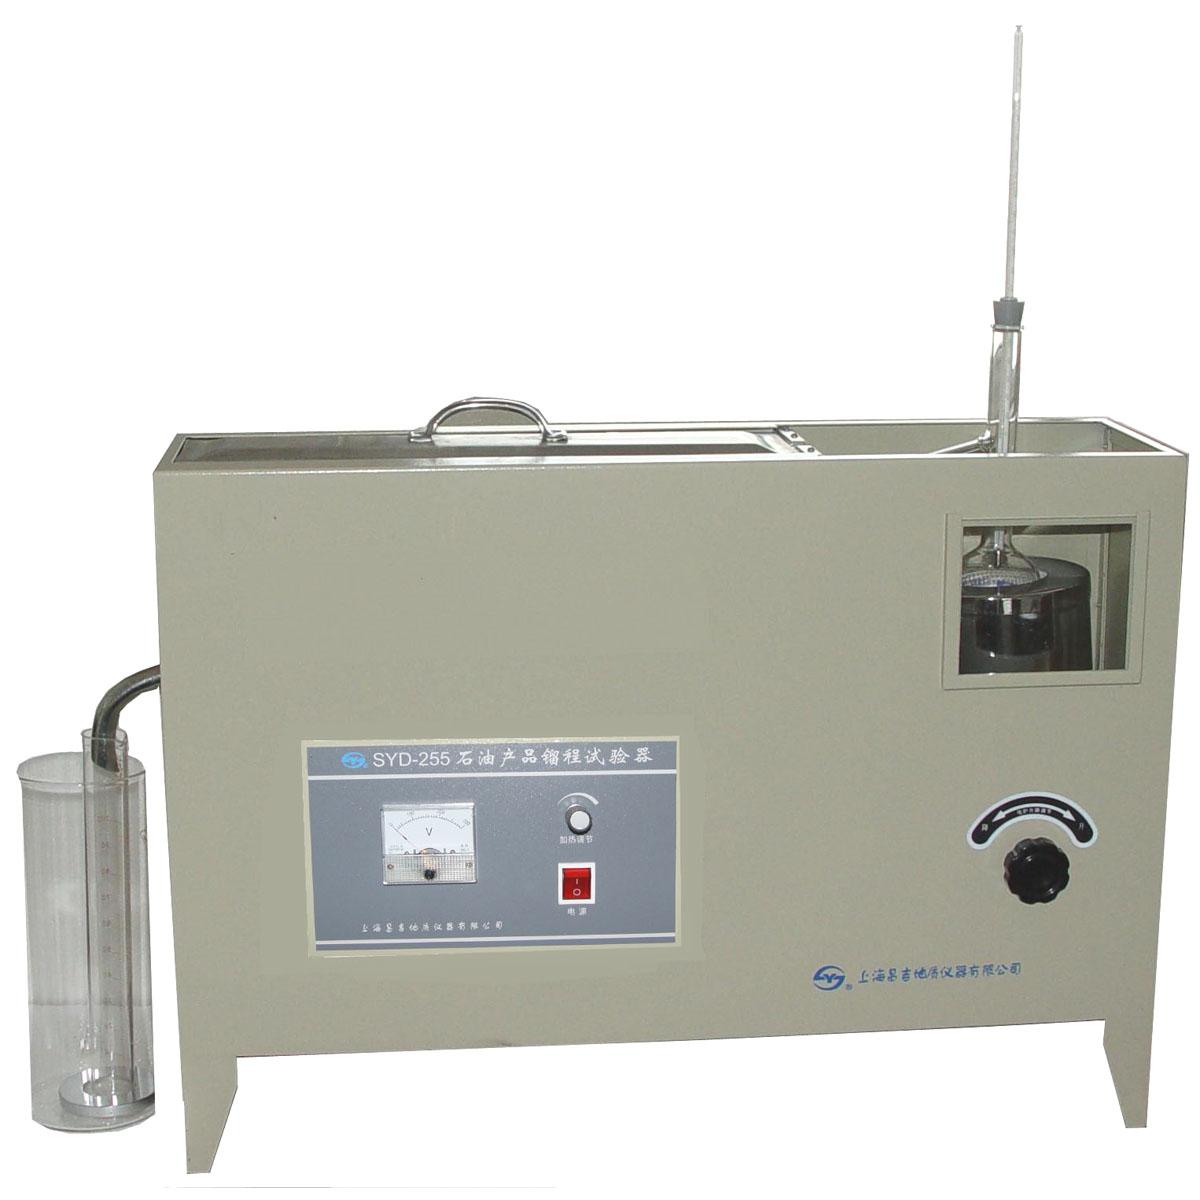 上海昌吉SYD-255石油产品馏程试验器(一体式)